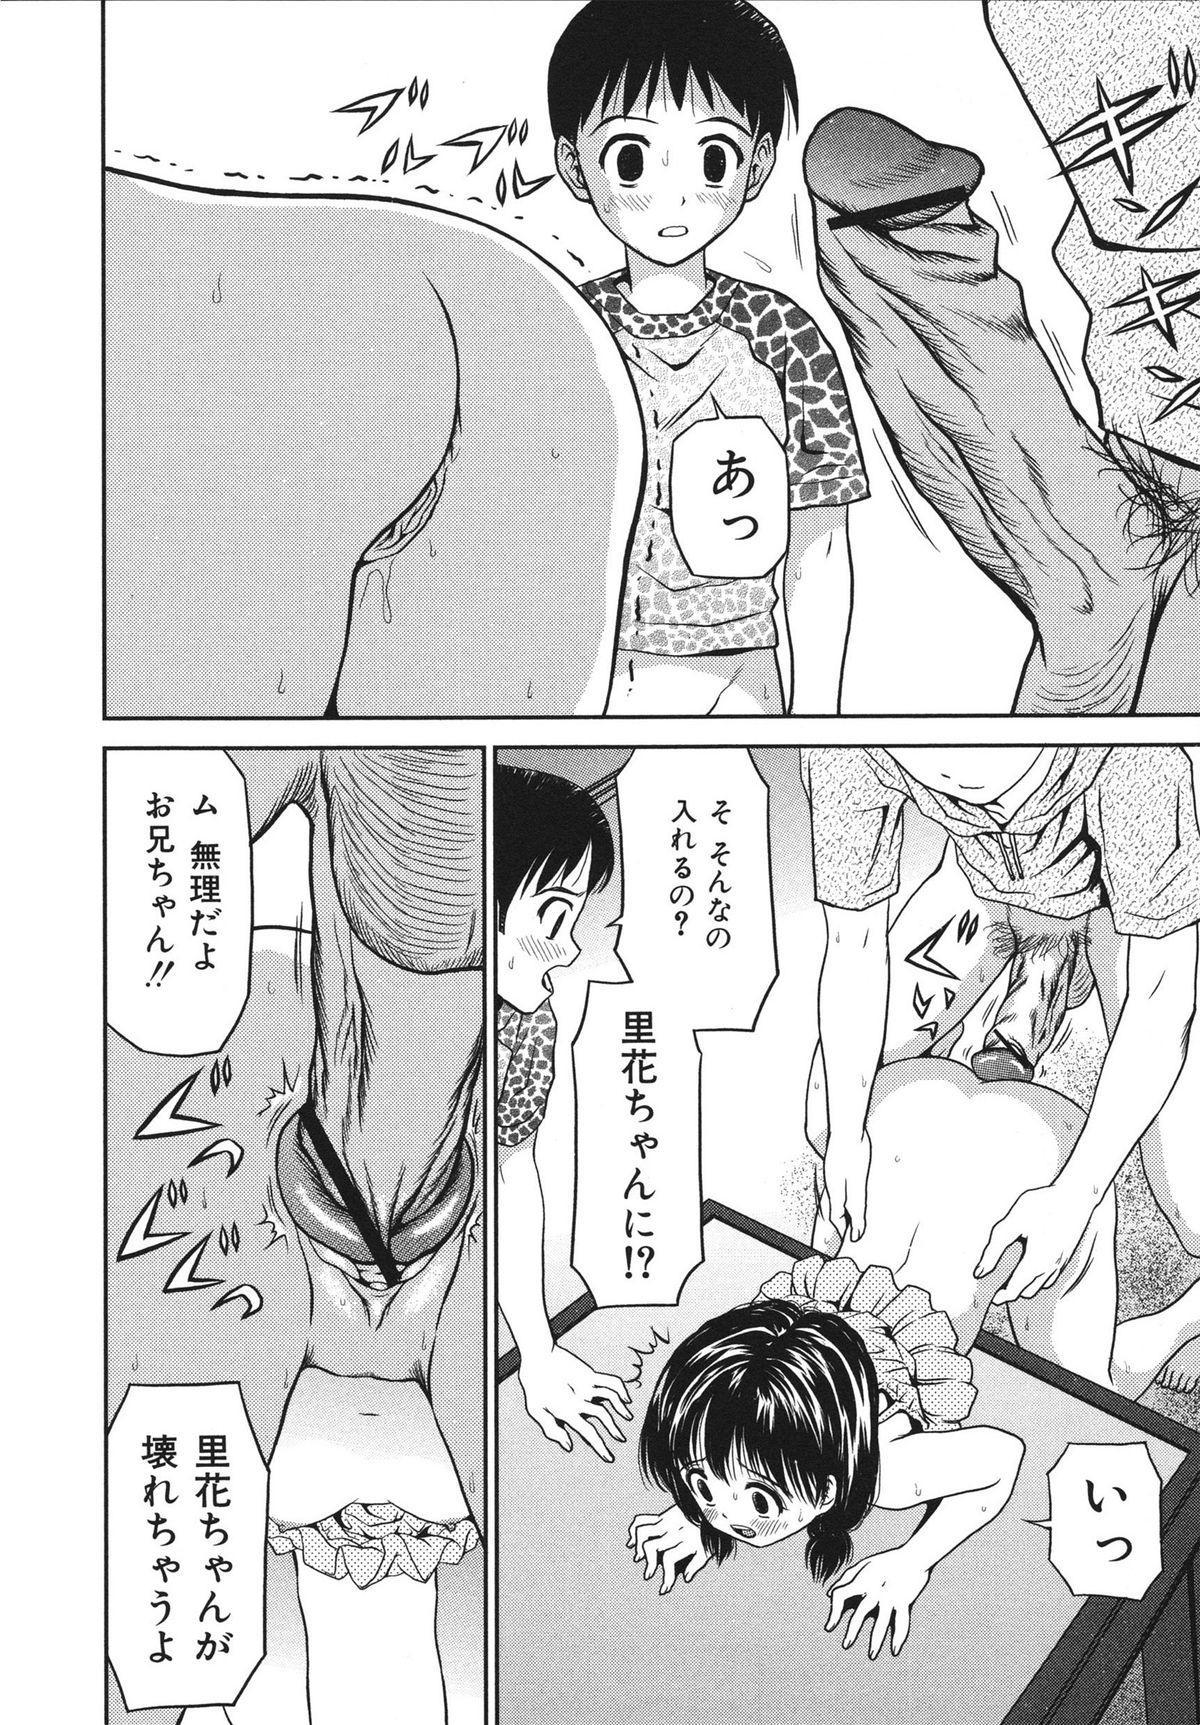 Houtai Shoujo - Bandage Girl 117